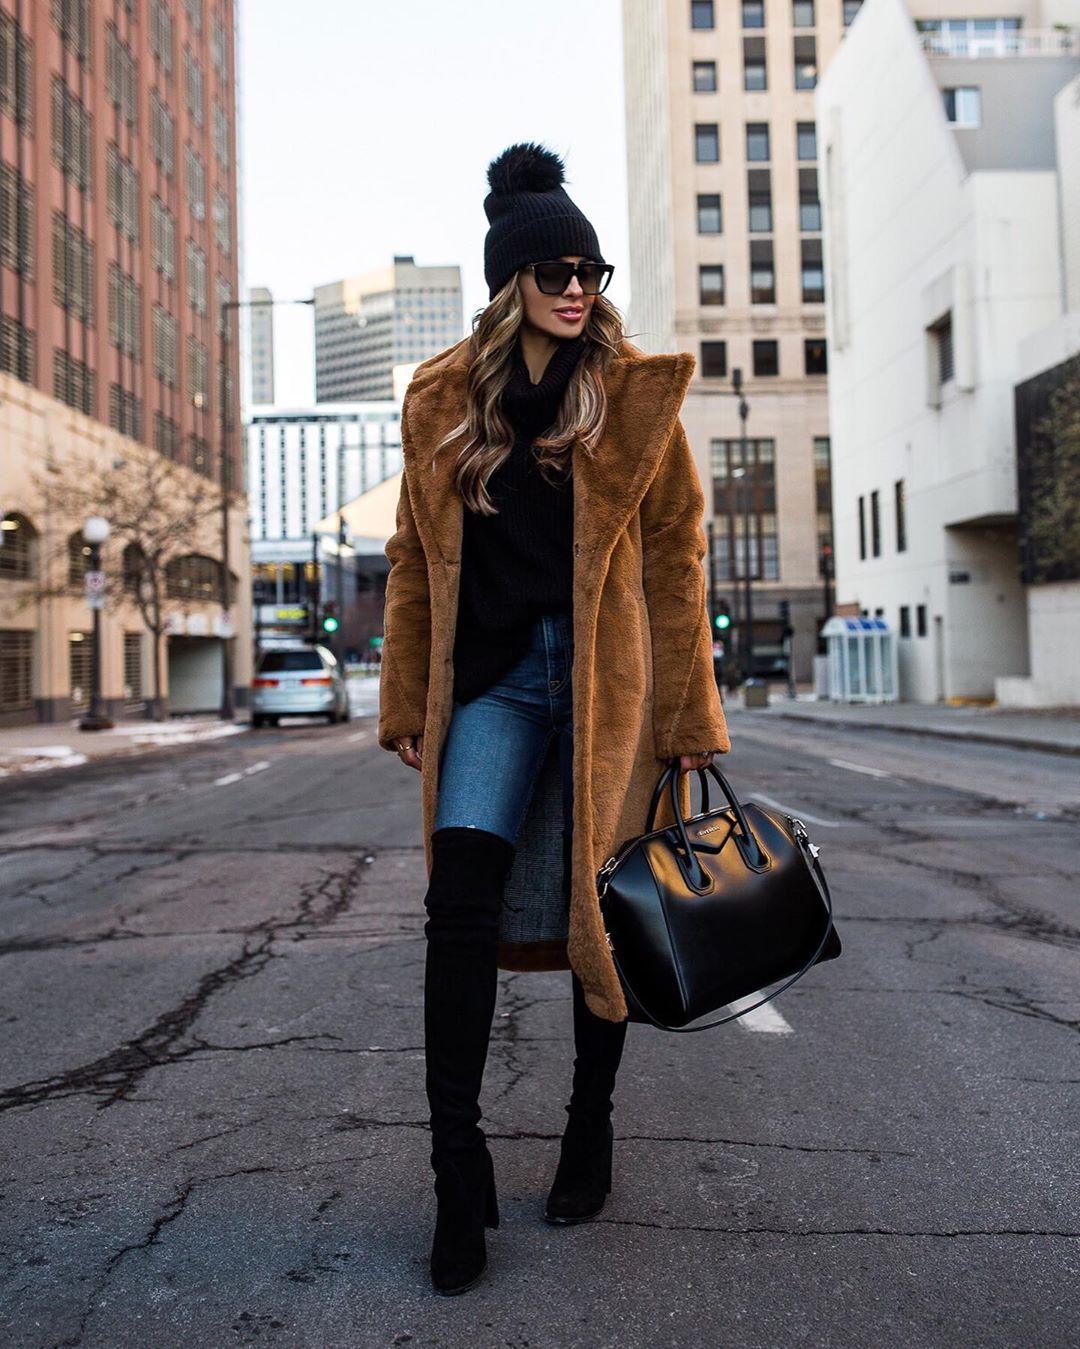 लॉन्ग कोट- हिवाळ्यात लॉन्ग कोटची फॅशन कधीच जुनी होत नाही. तसेच हे कोट जीन्स पासून ते साडीपर्यंत सर्वांवर सूट होतात आणि तुम्हाला स्टायलिश लुकही देतात.